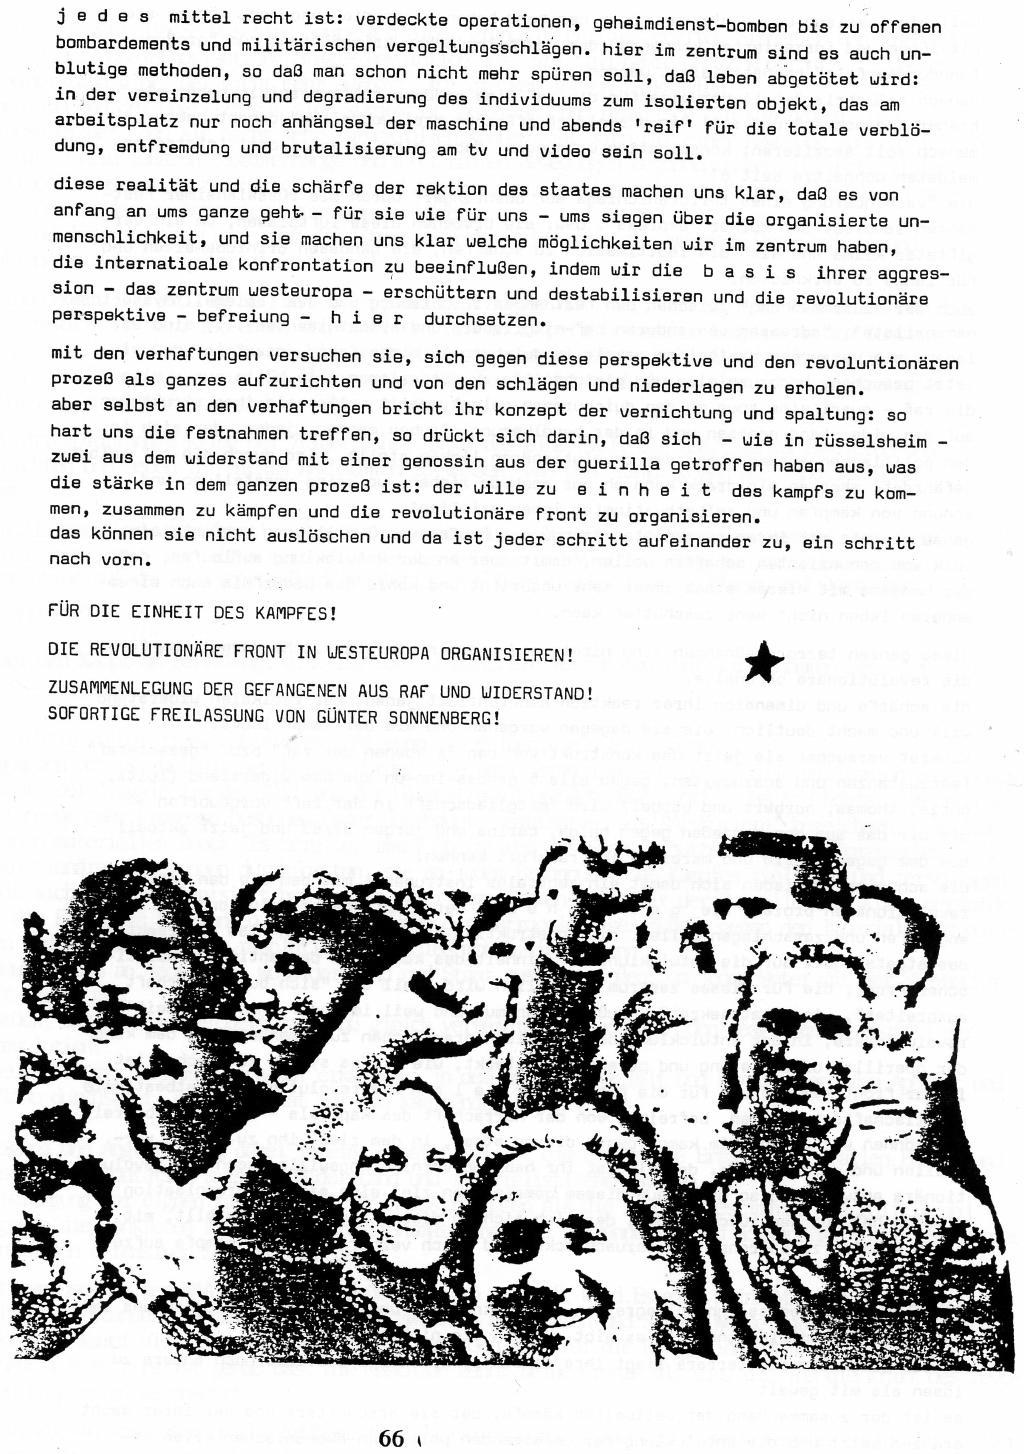 Duesseldorf_1989_Sechs_Politische_Gefangene_066